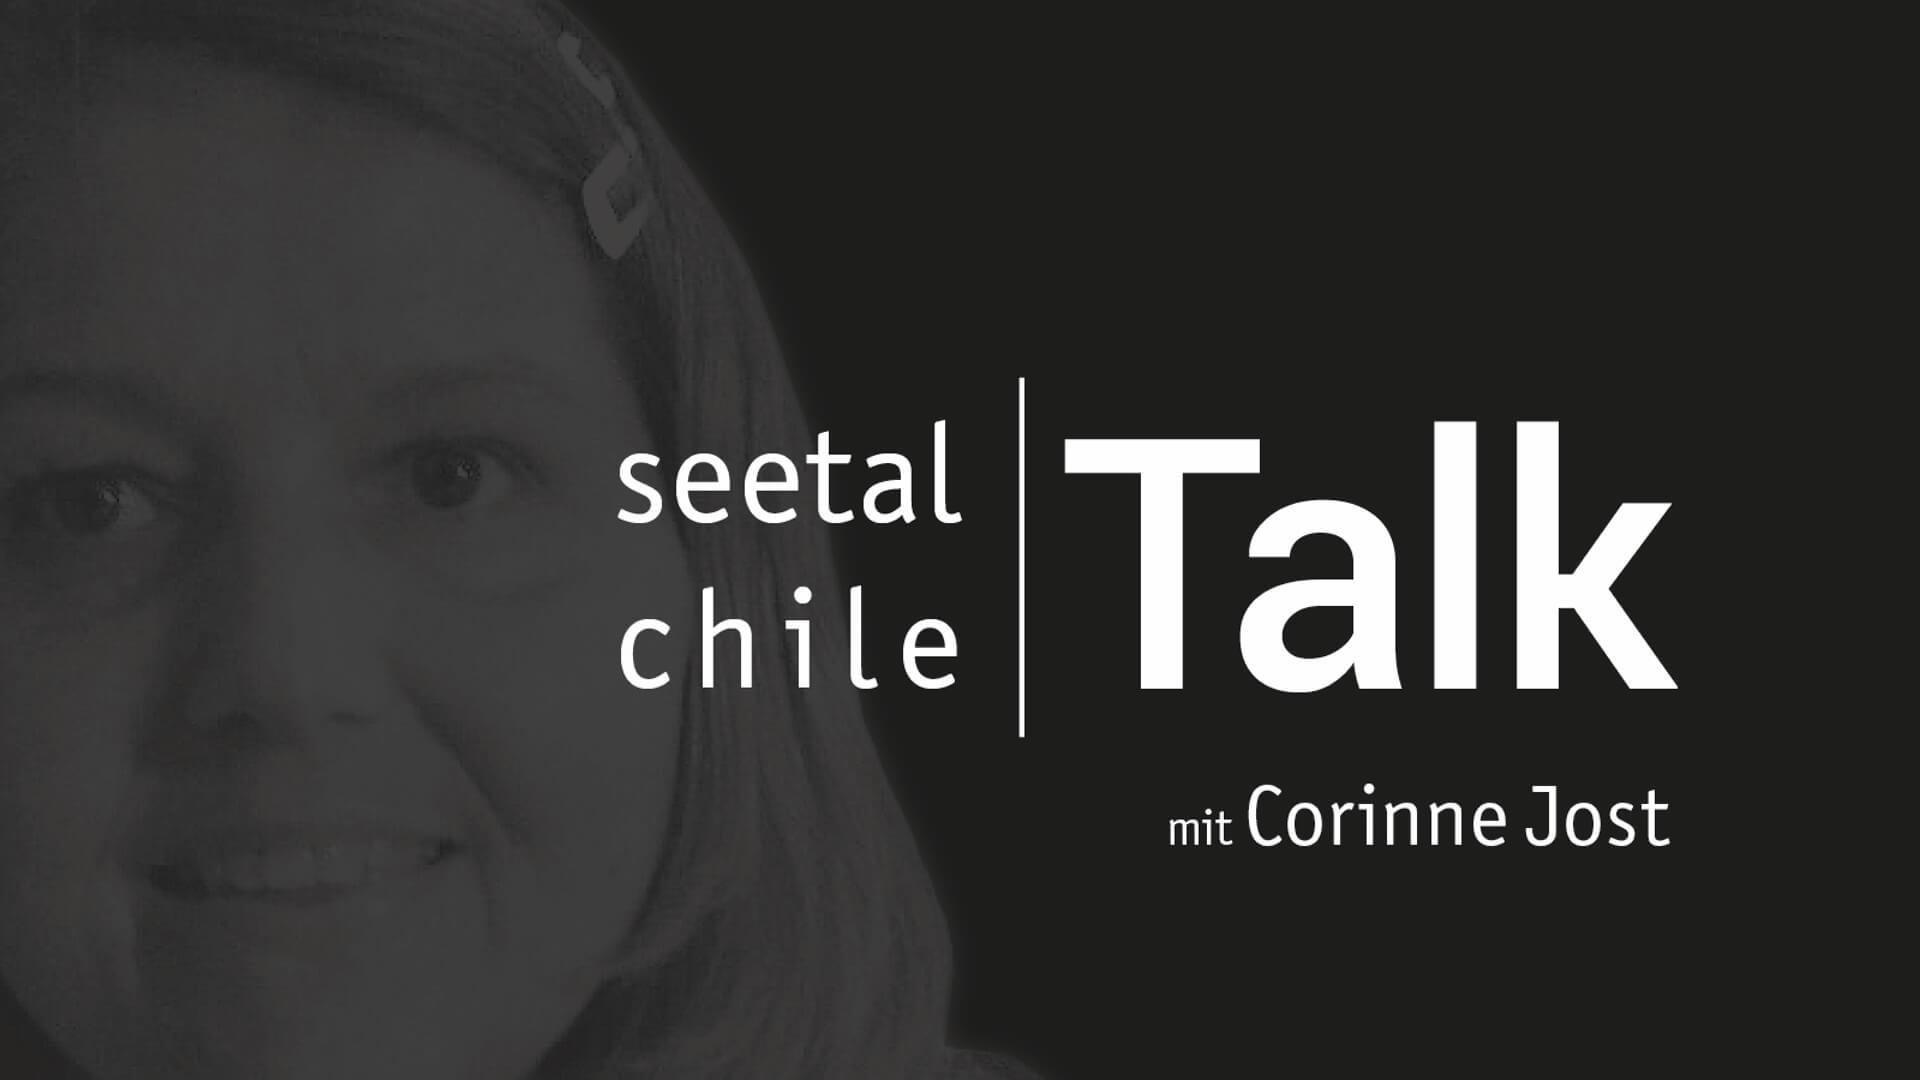 seetal chile Talk mit Corinne Jost